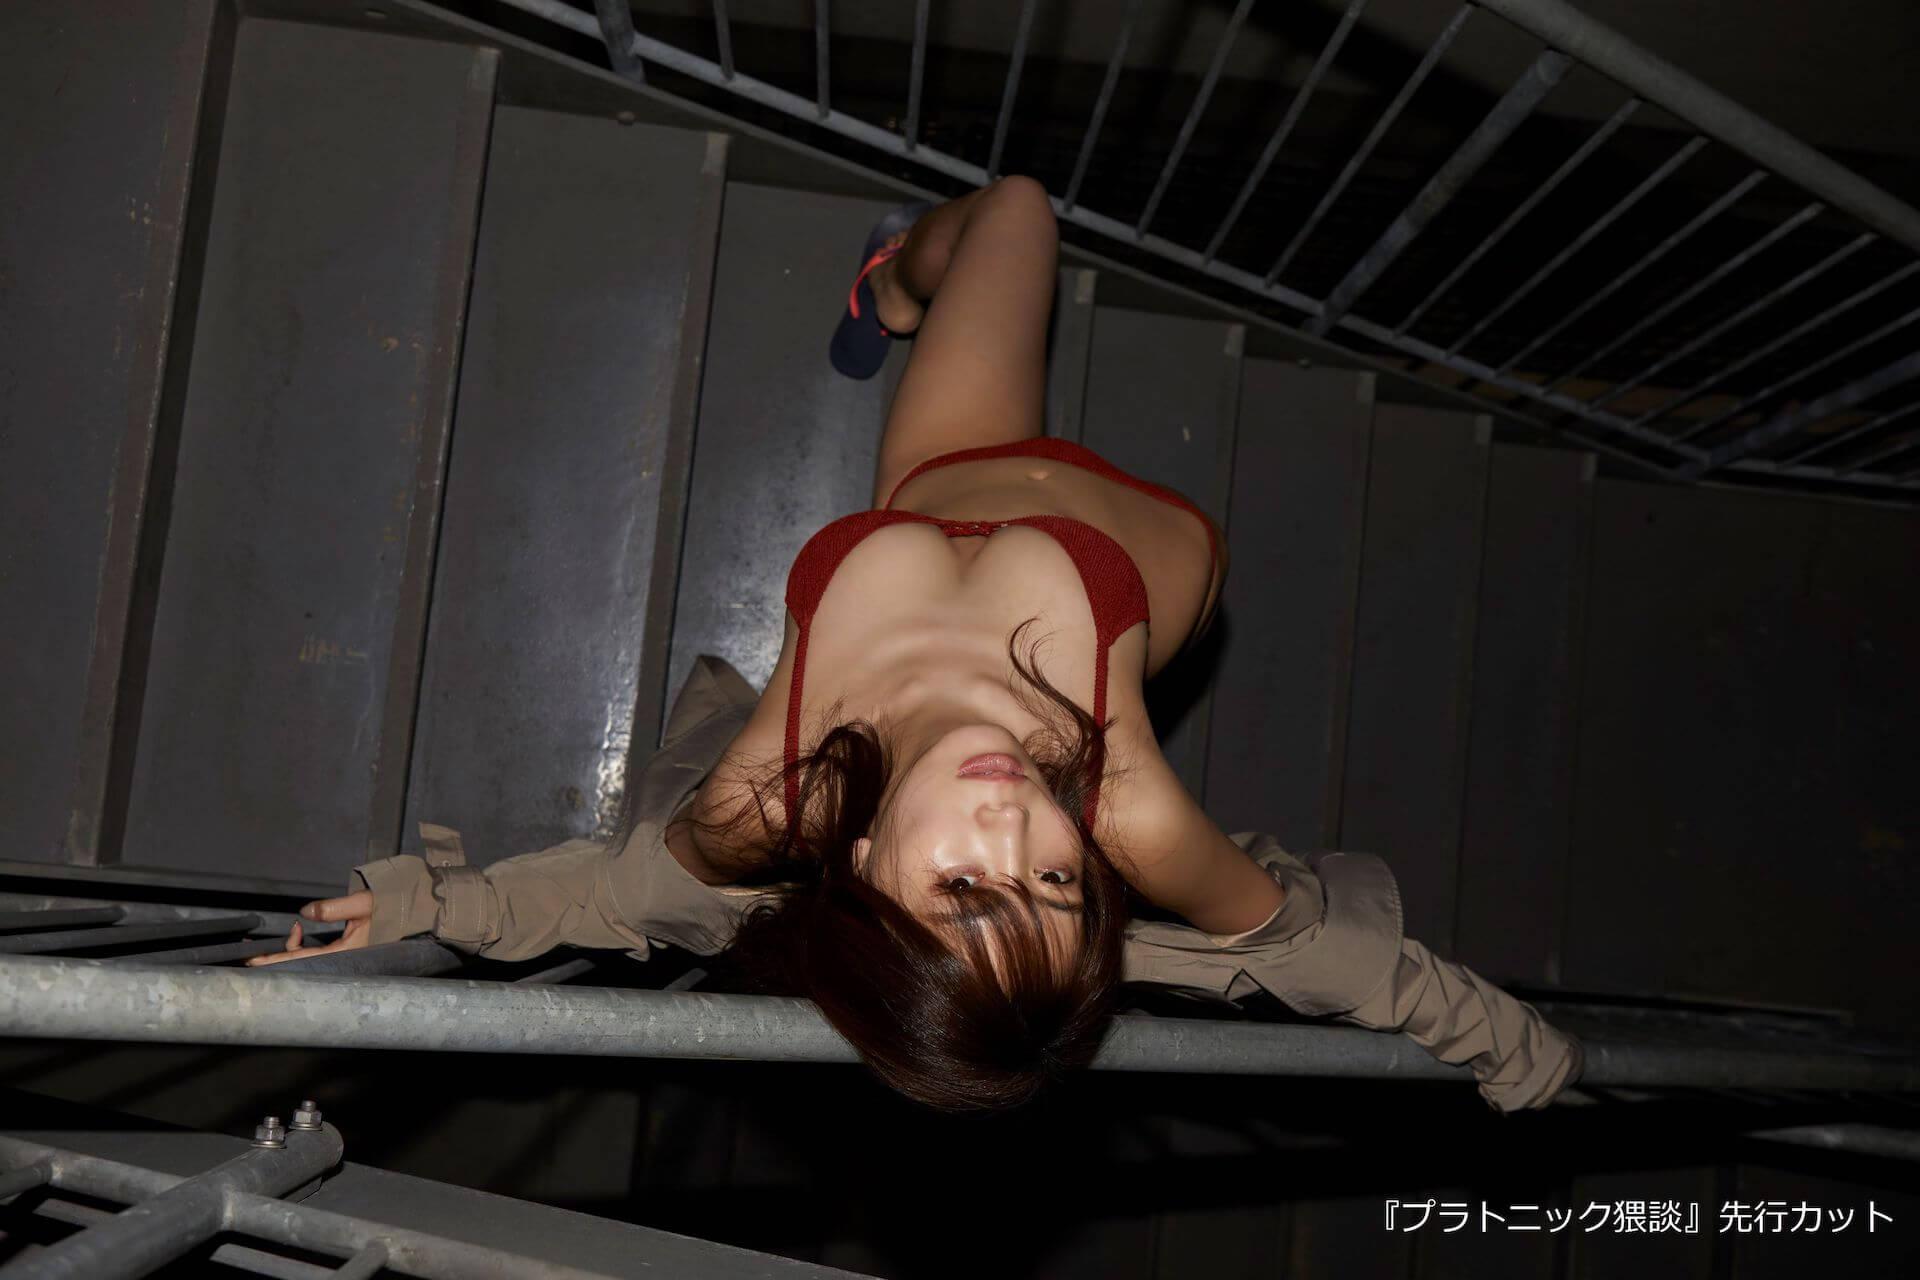 森咲智美のエロティック猥談が見られる第4弾写真集『プラトニック猥談』が発売決定!先行カットも公開 art210414_morisakitomomi_4